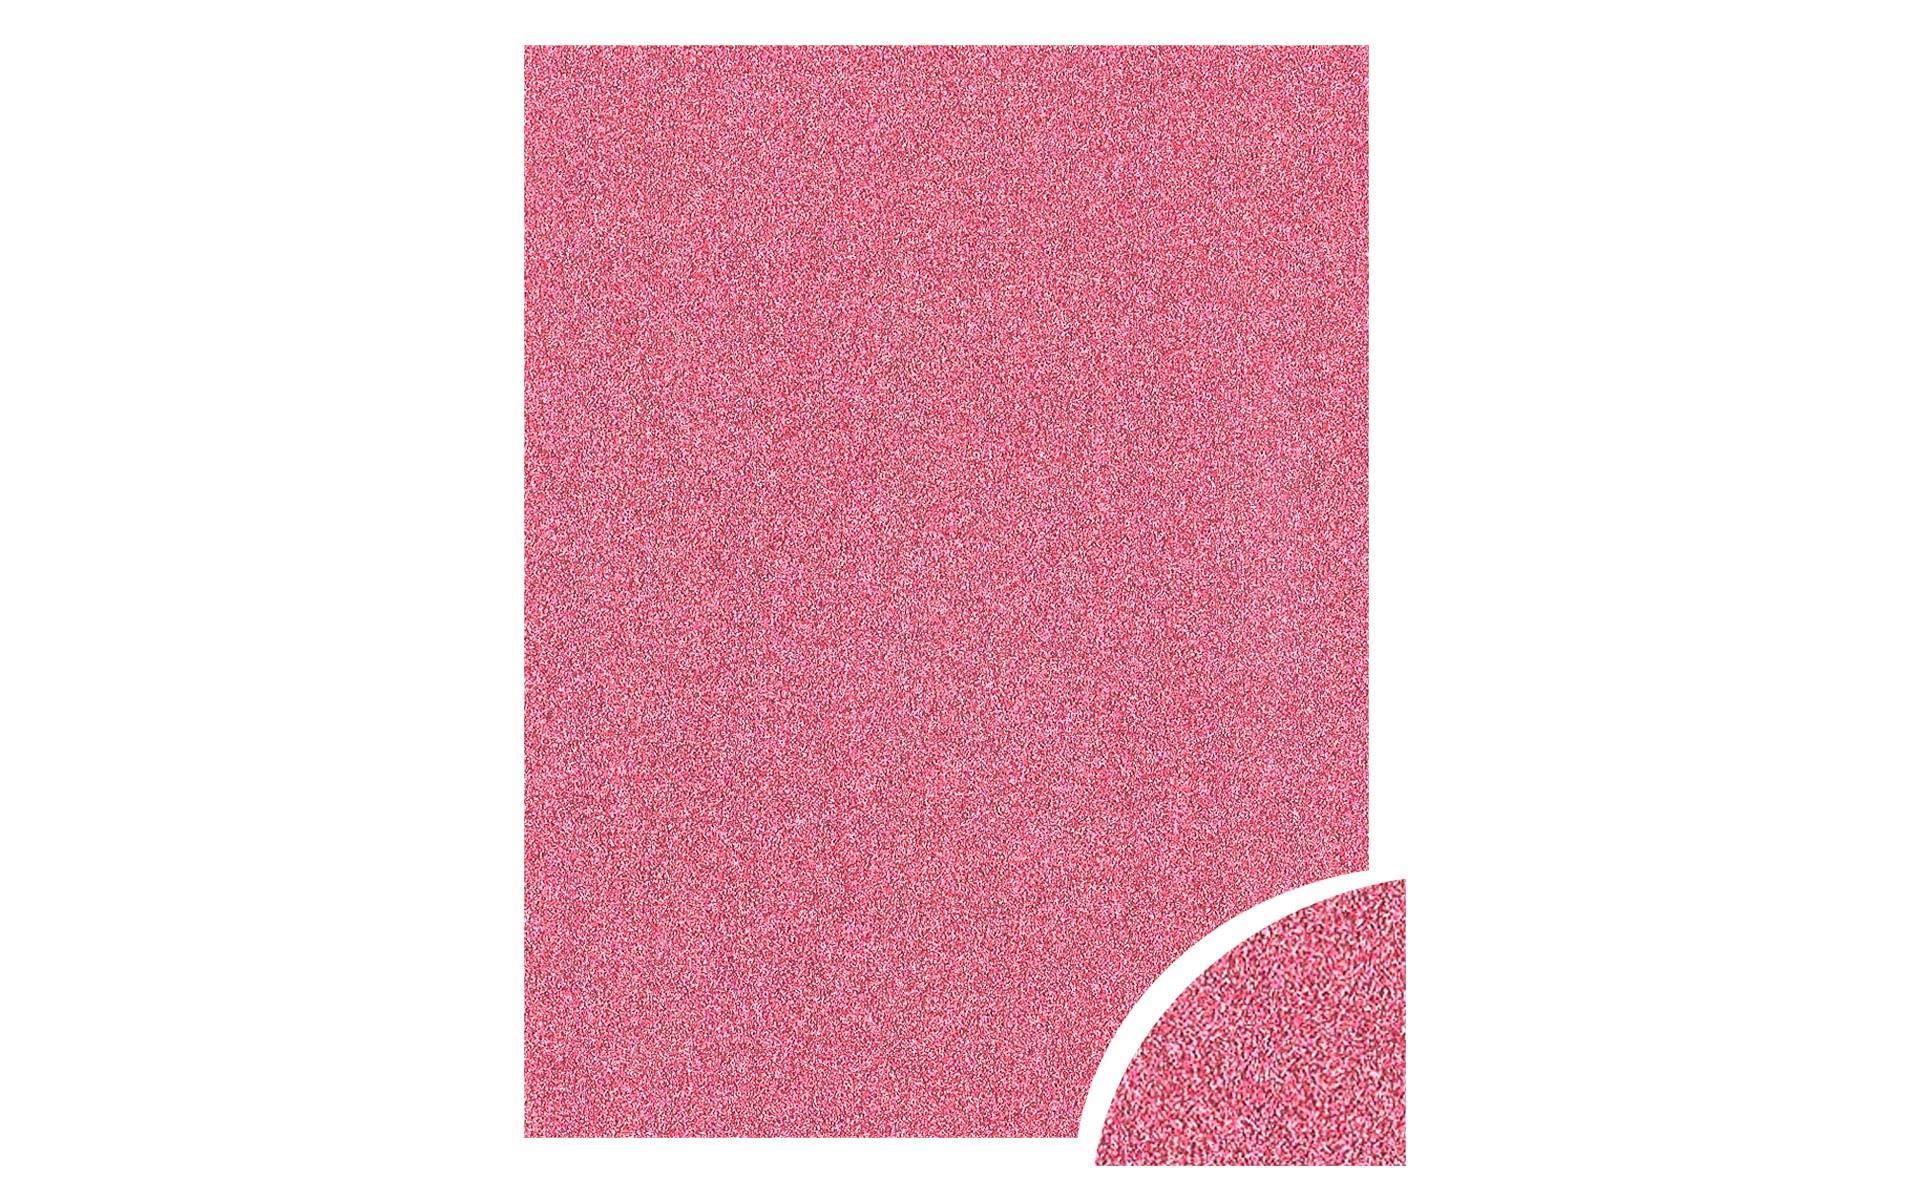 Paper Accents Cdstk Glitter 22x28 85lb Pink UPC